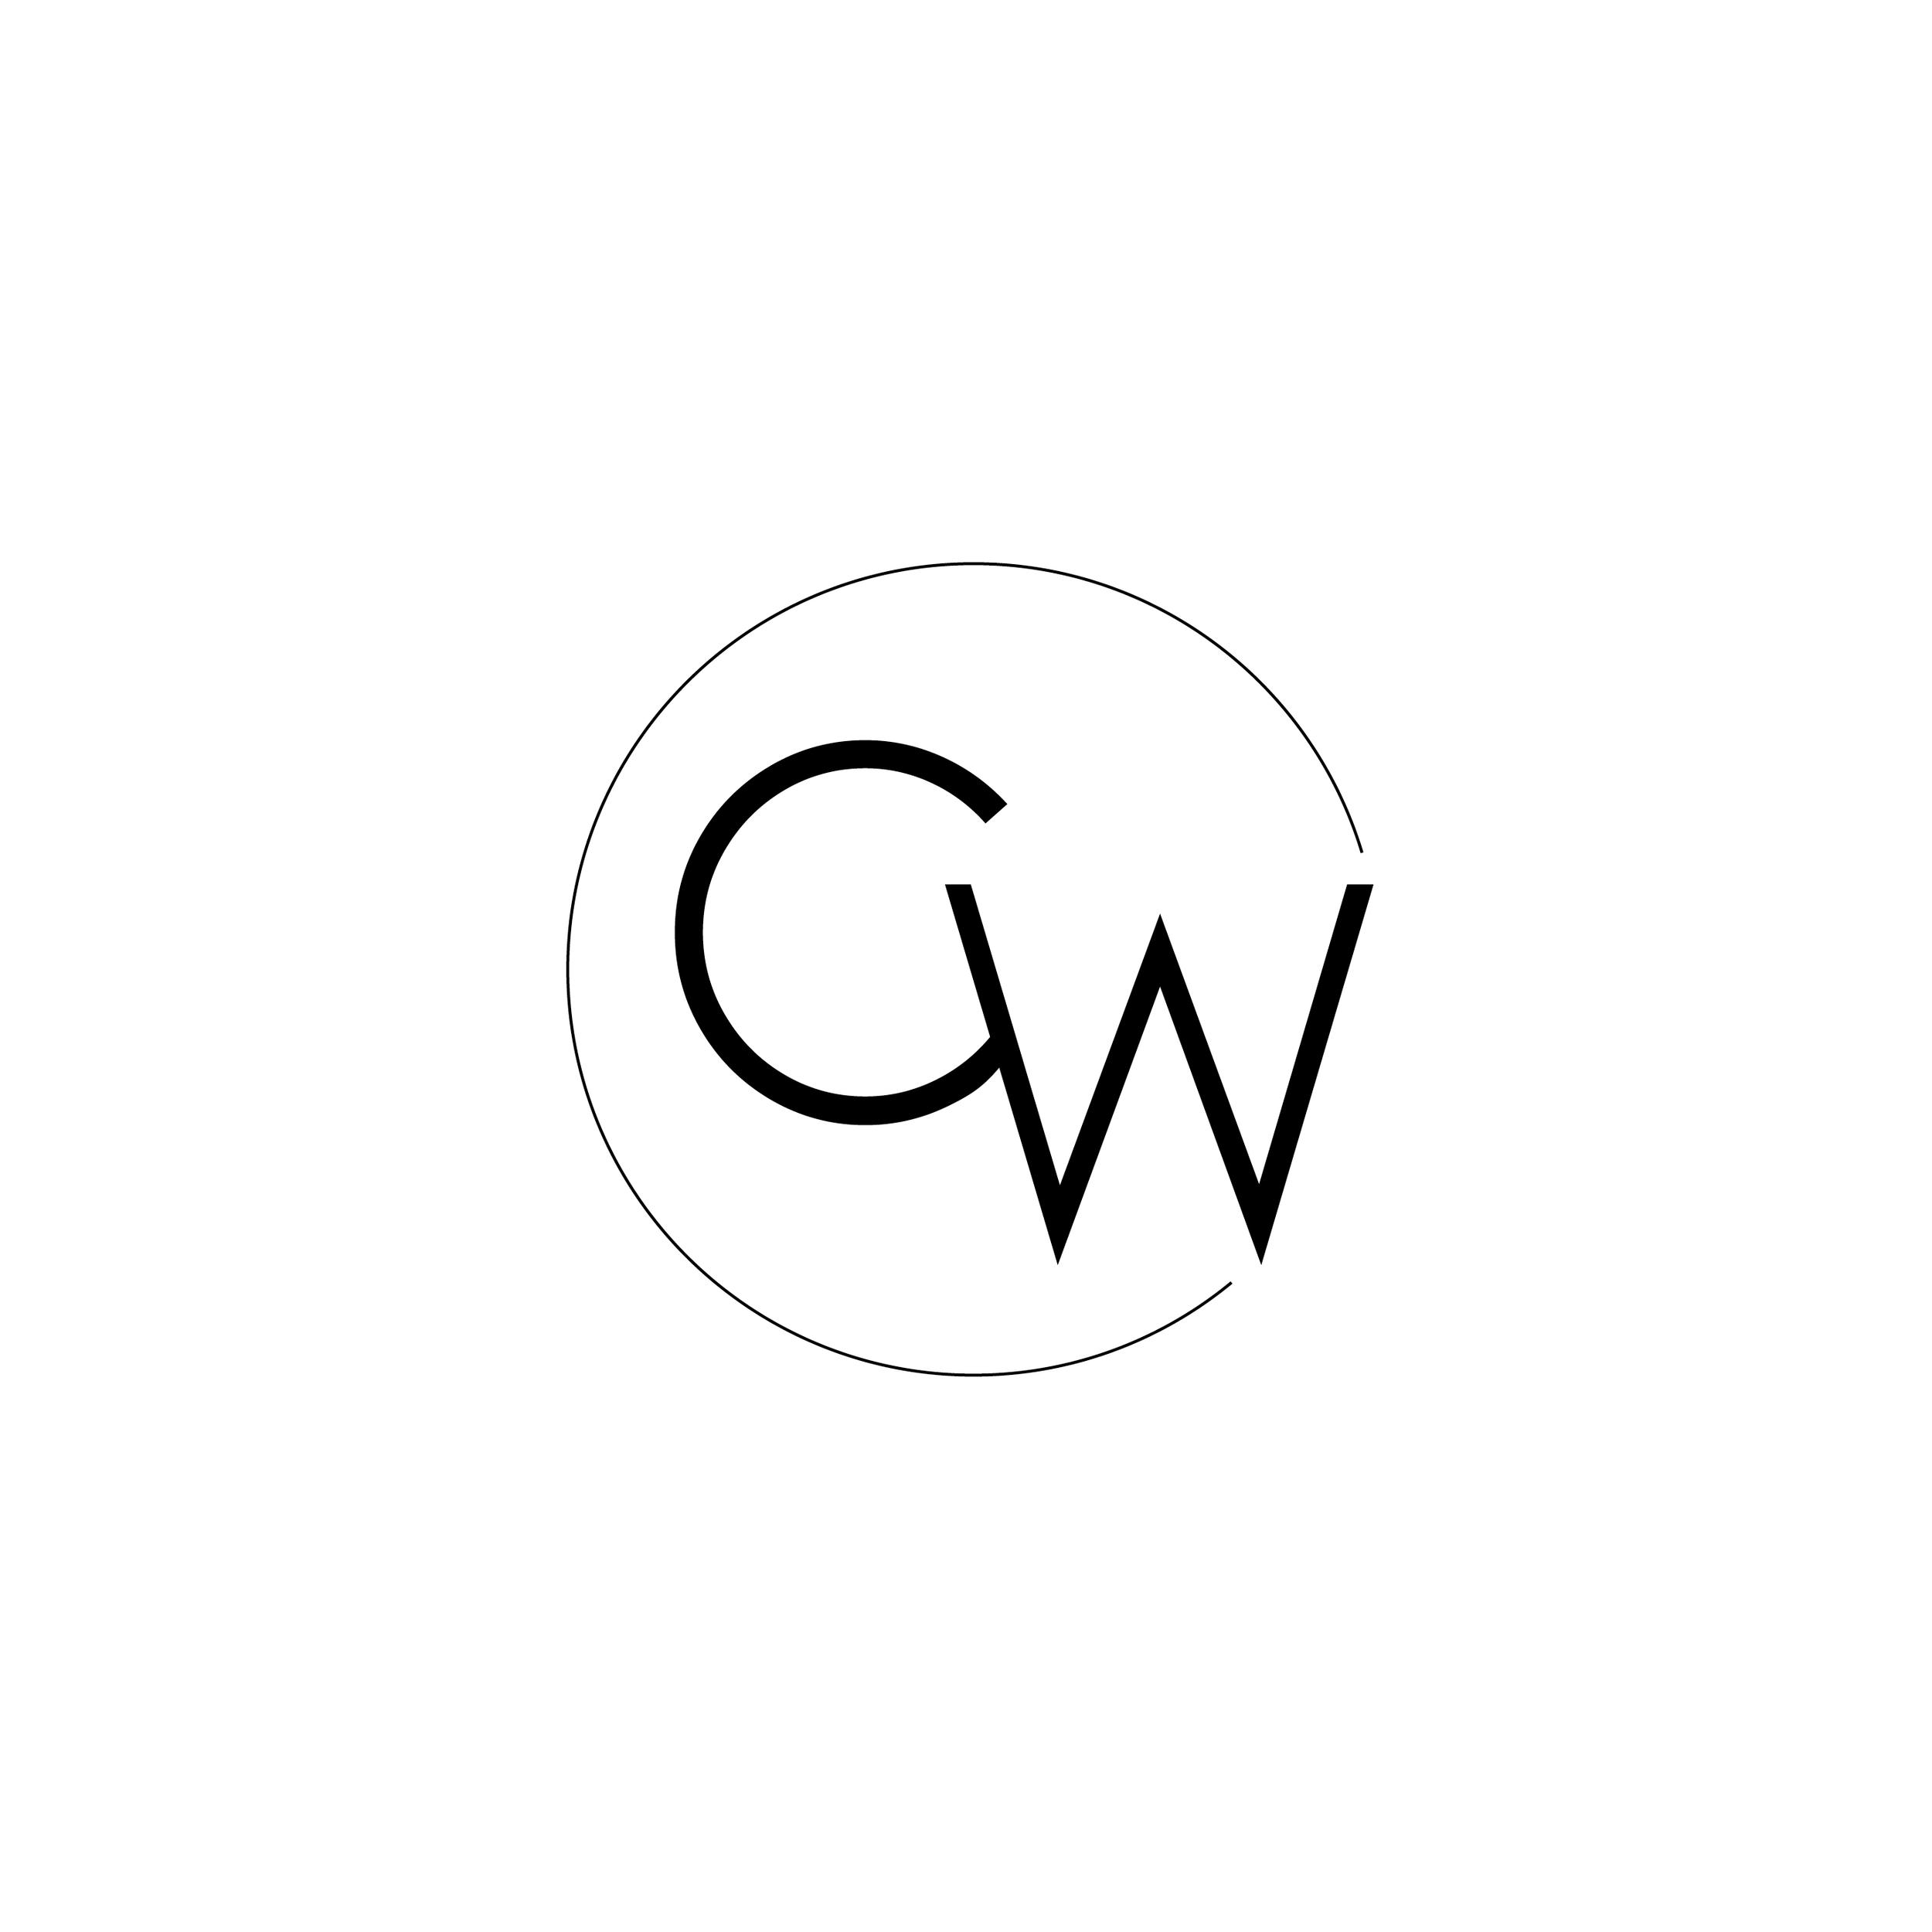 CW-CIRCLE.png